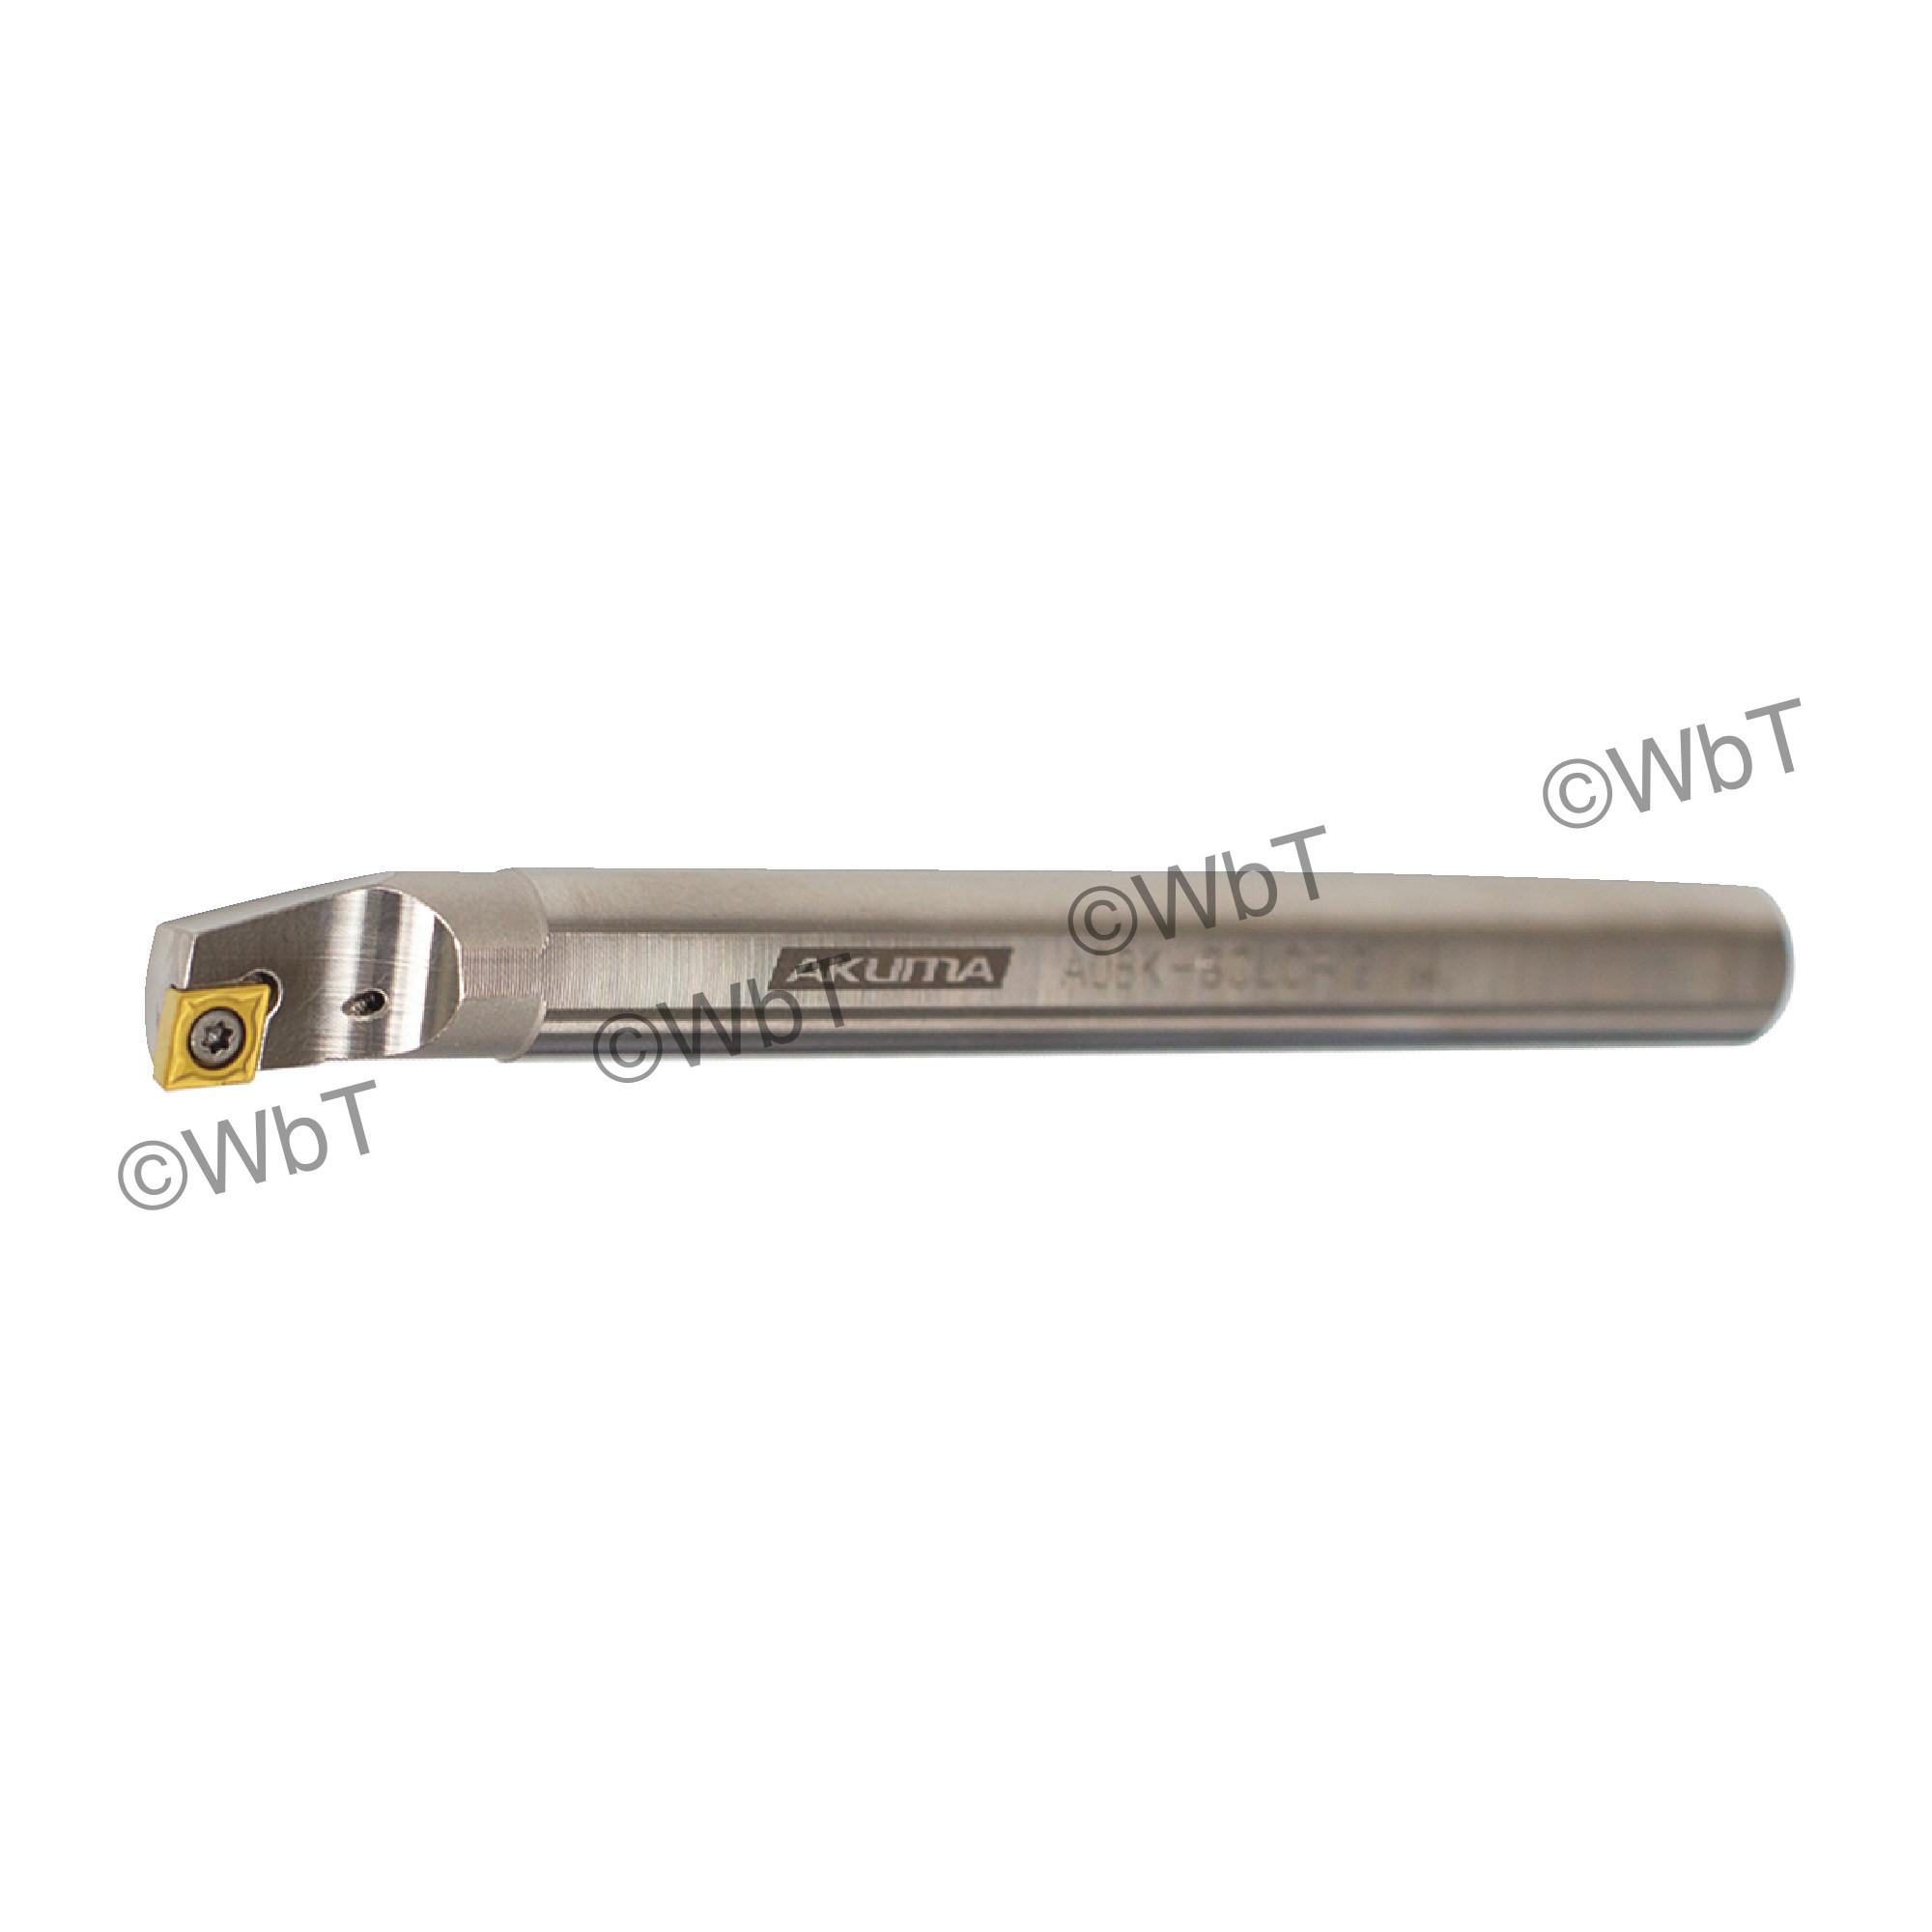 """AKUMA - A08K-SCLCR-2 / Steel Boring Bar / 1/2"""" Shank / CCMT2(1.5)_ / Cooalnt Thru / Right Hand"""